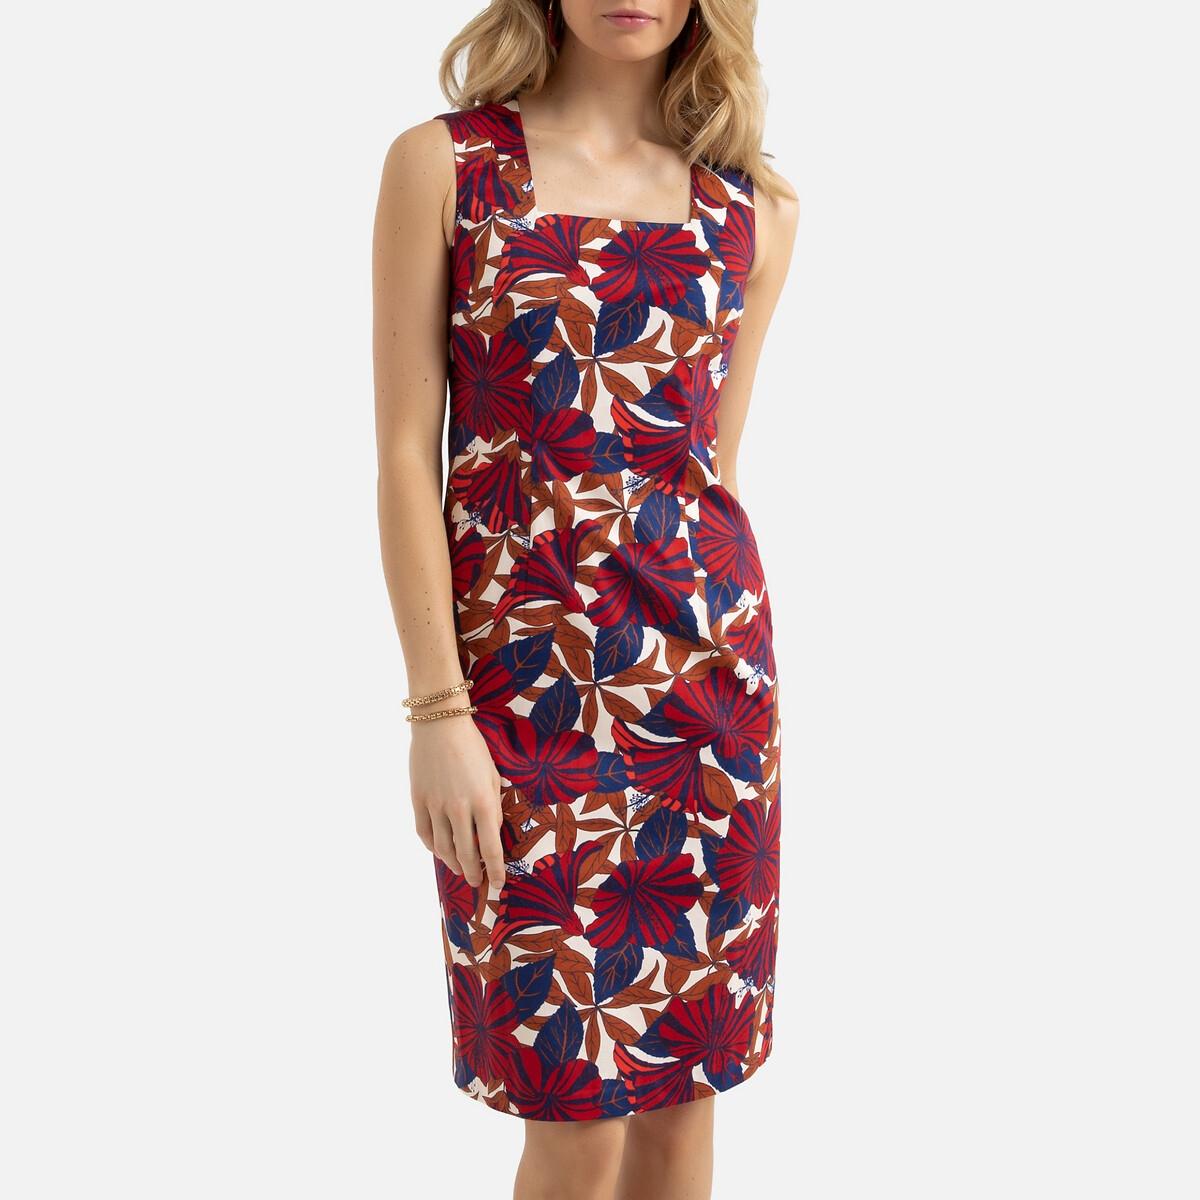 Платье La Redoute Прямое с цветочным принтом миди 50 (FR) - 56 (RUS) разноцветный платье la redoute прямое с принтом до колен 48 fr 54 rus черный